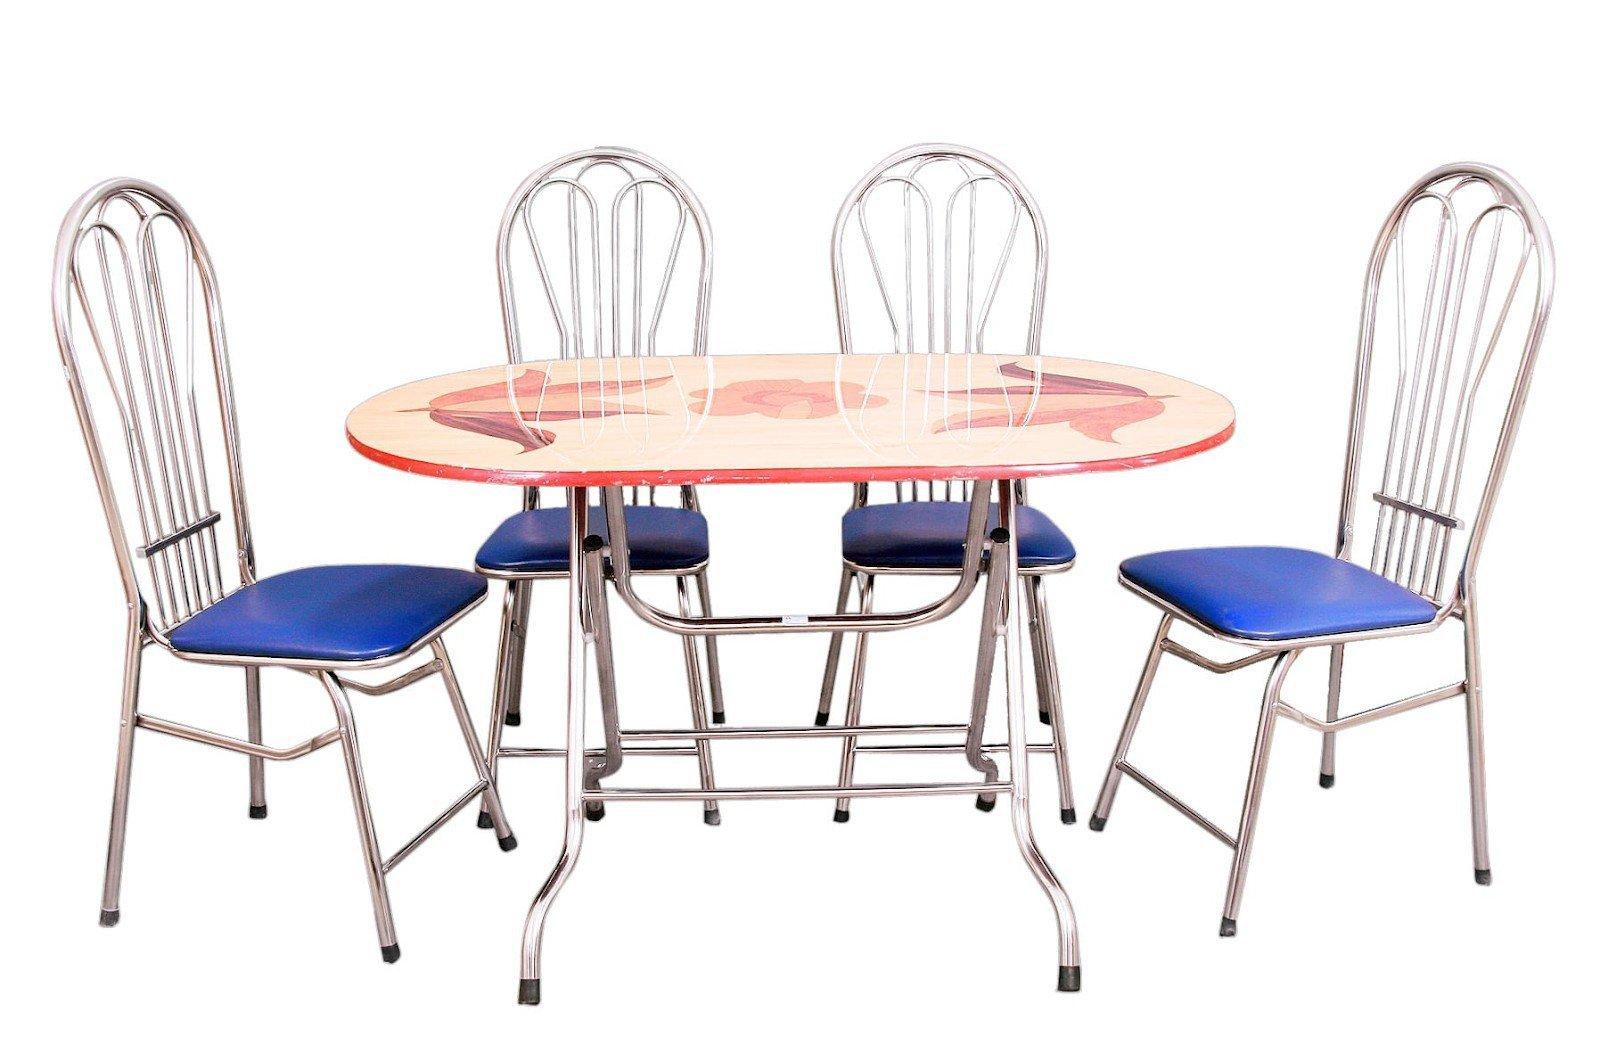 Những mẫu ghế ăn inox đẹp cho bàn ăn nhà bạn - ghe an inox 1